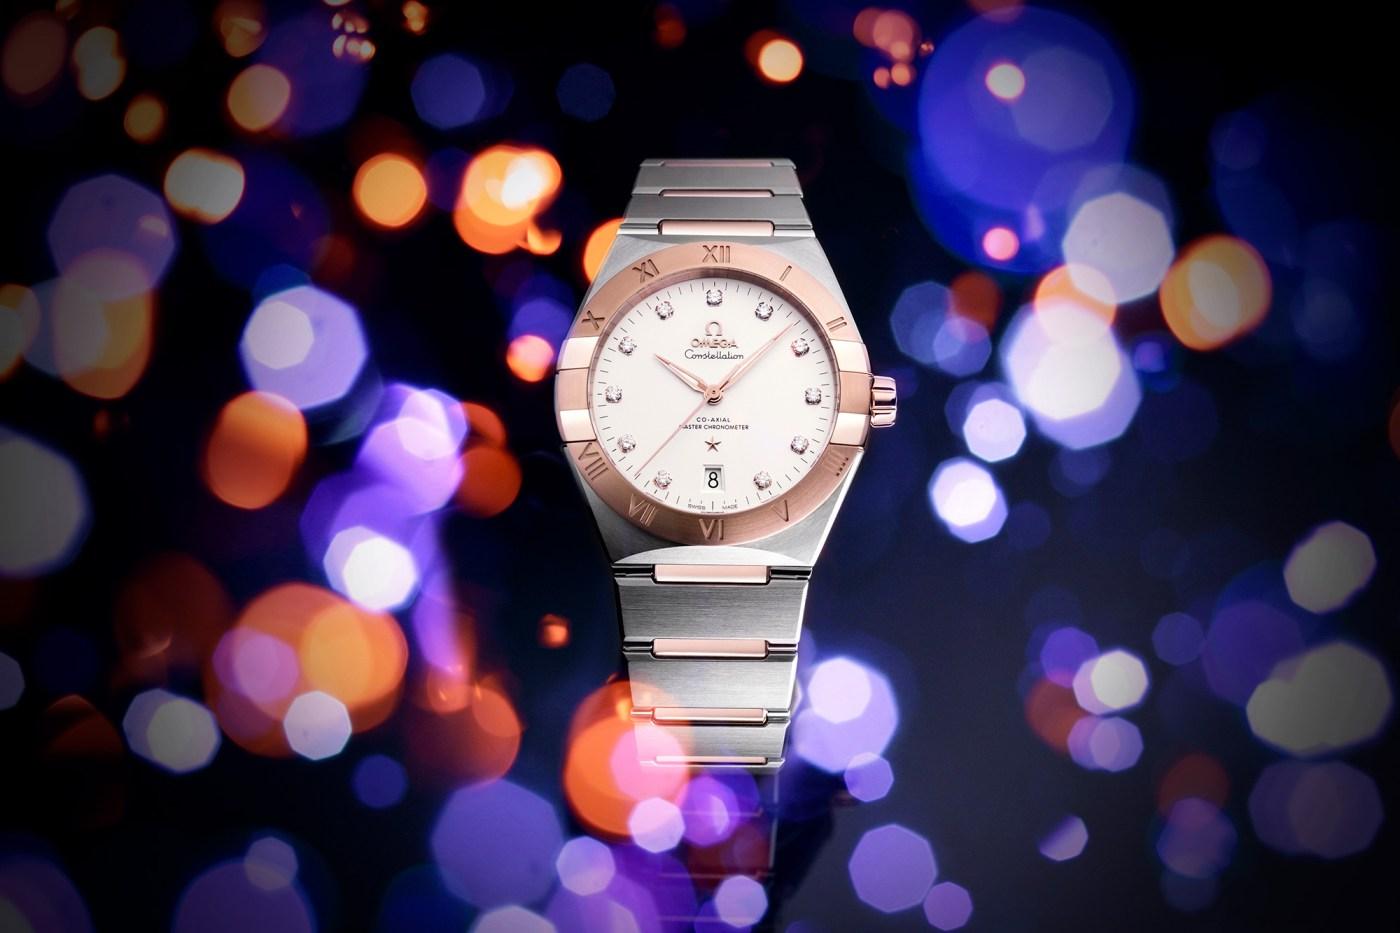 2020 Omega Constellation for Men diamond-studded dial